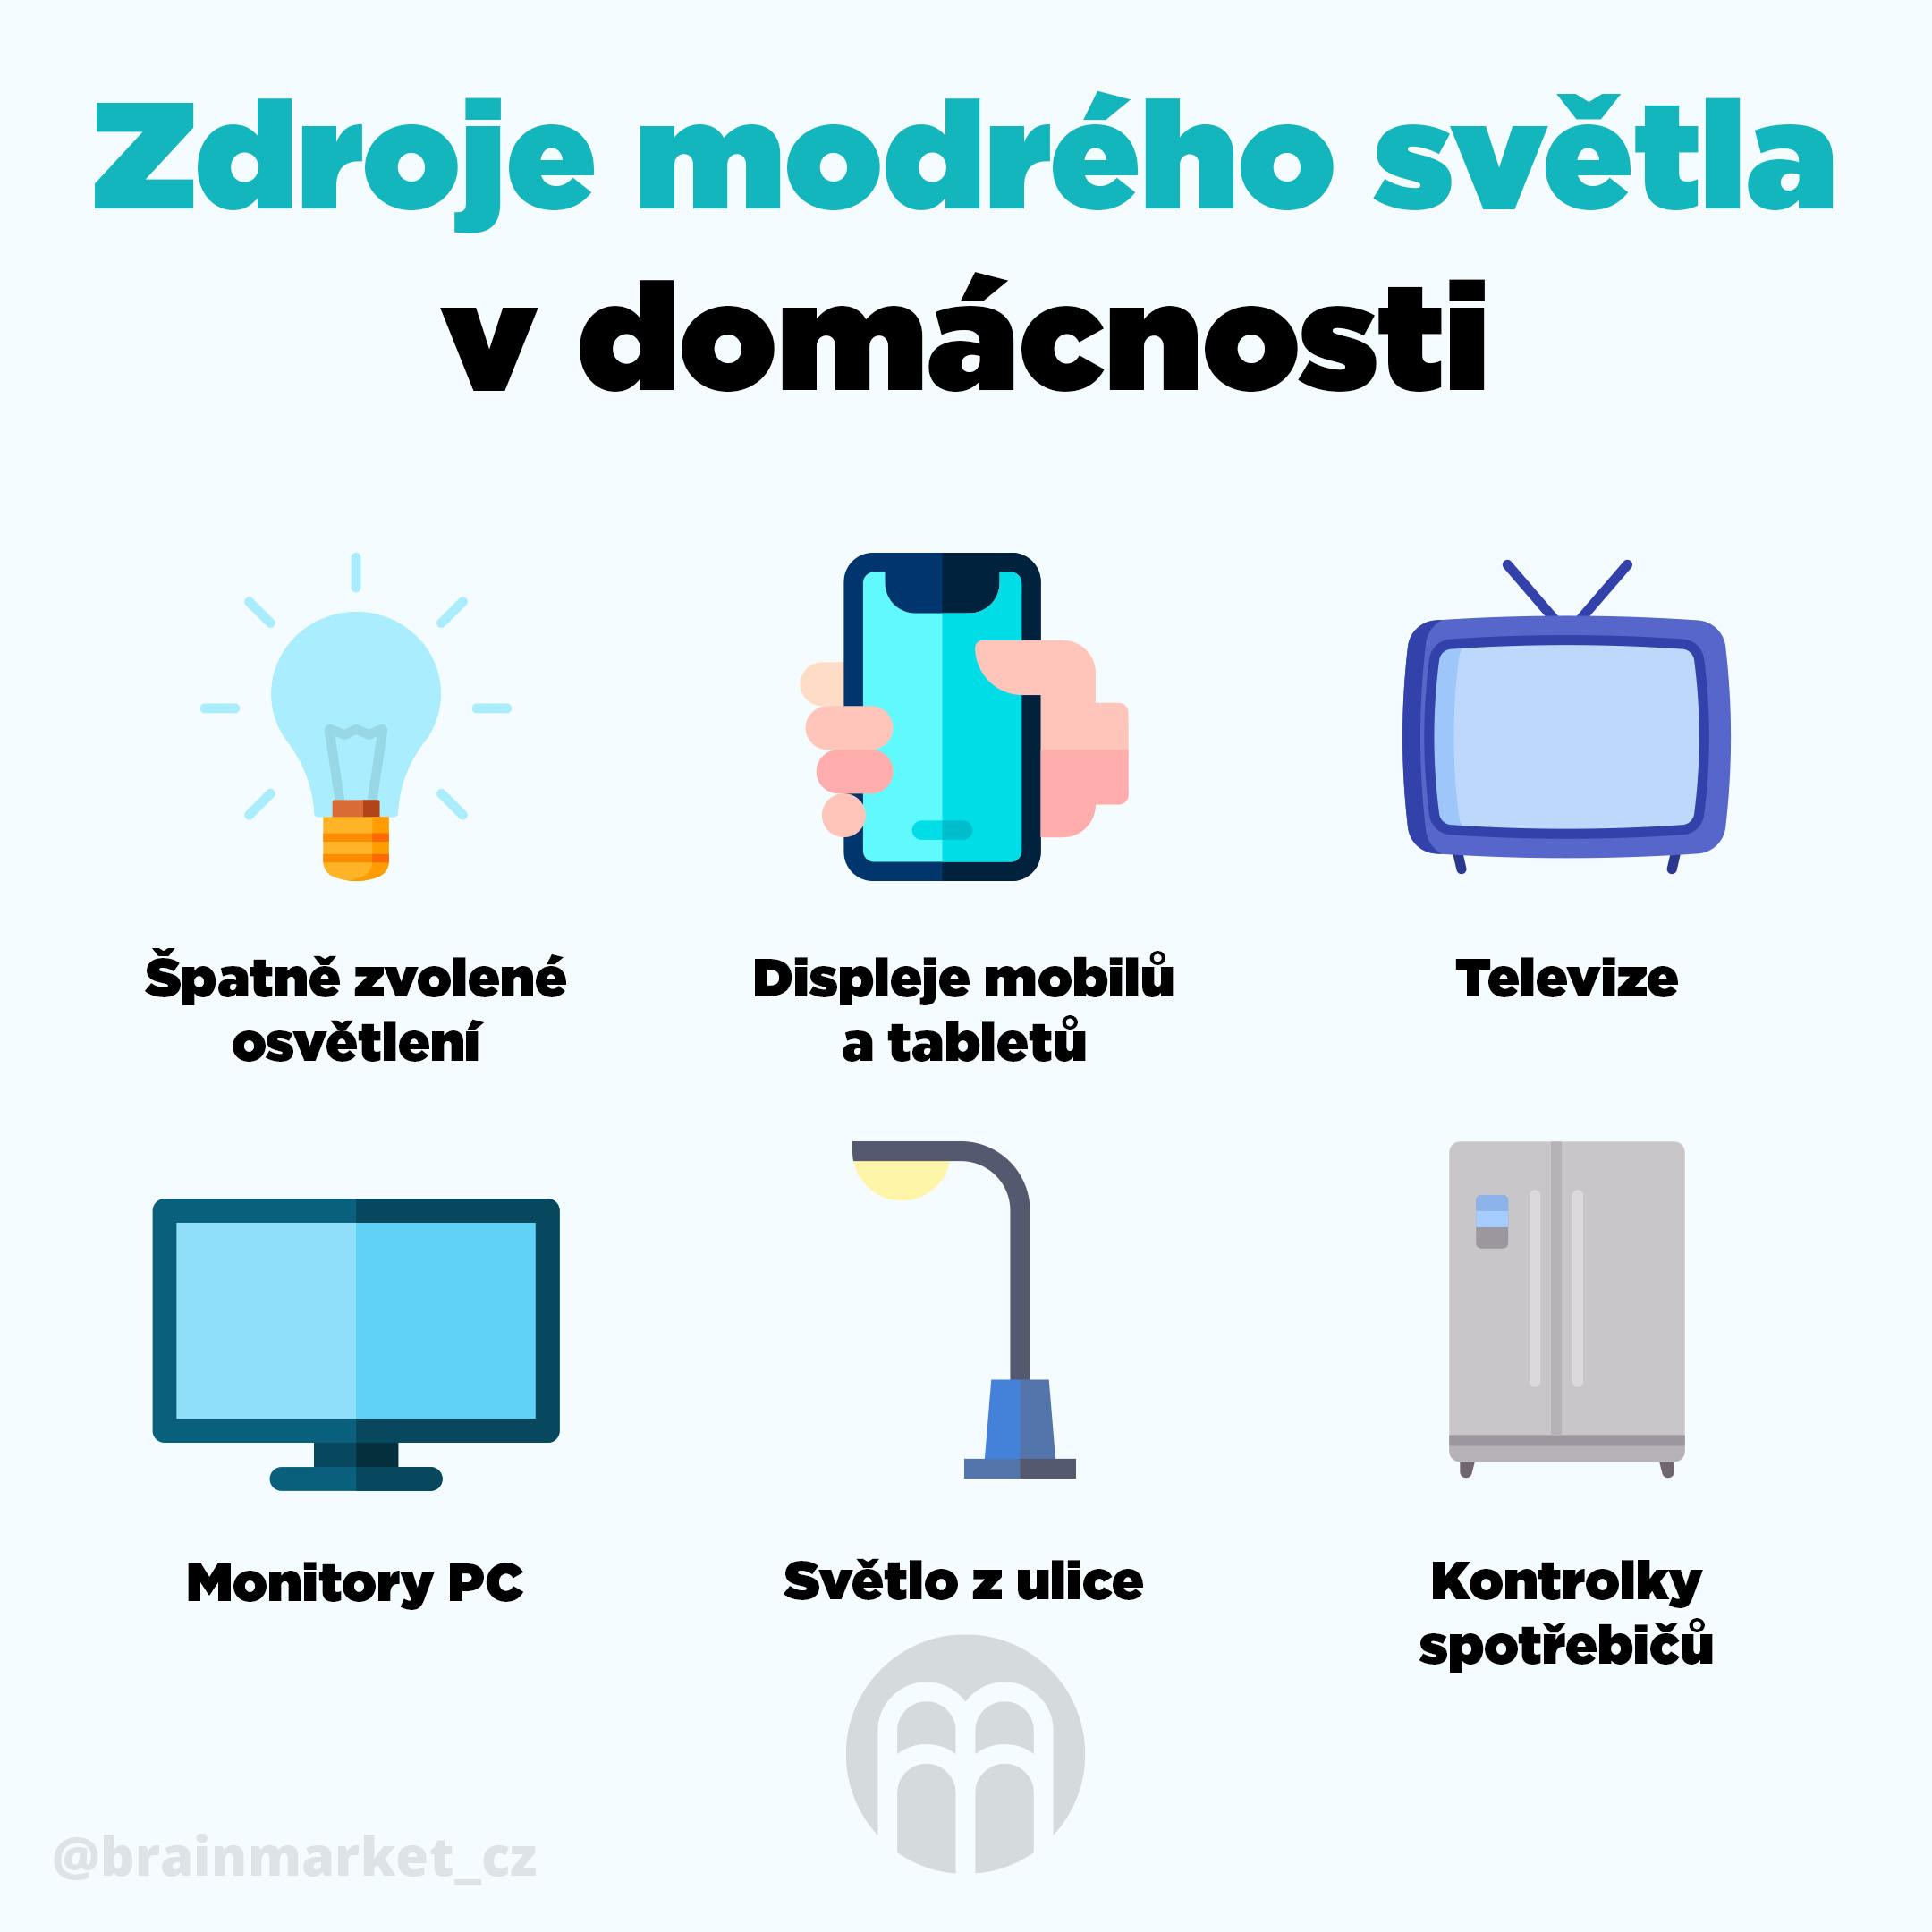 kék-fény-források-otthon-infographics-brainmarket-cz